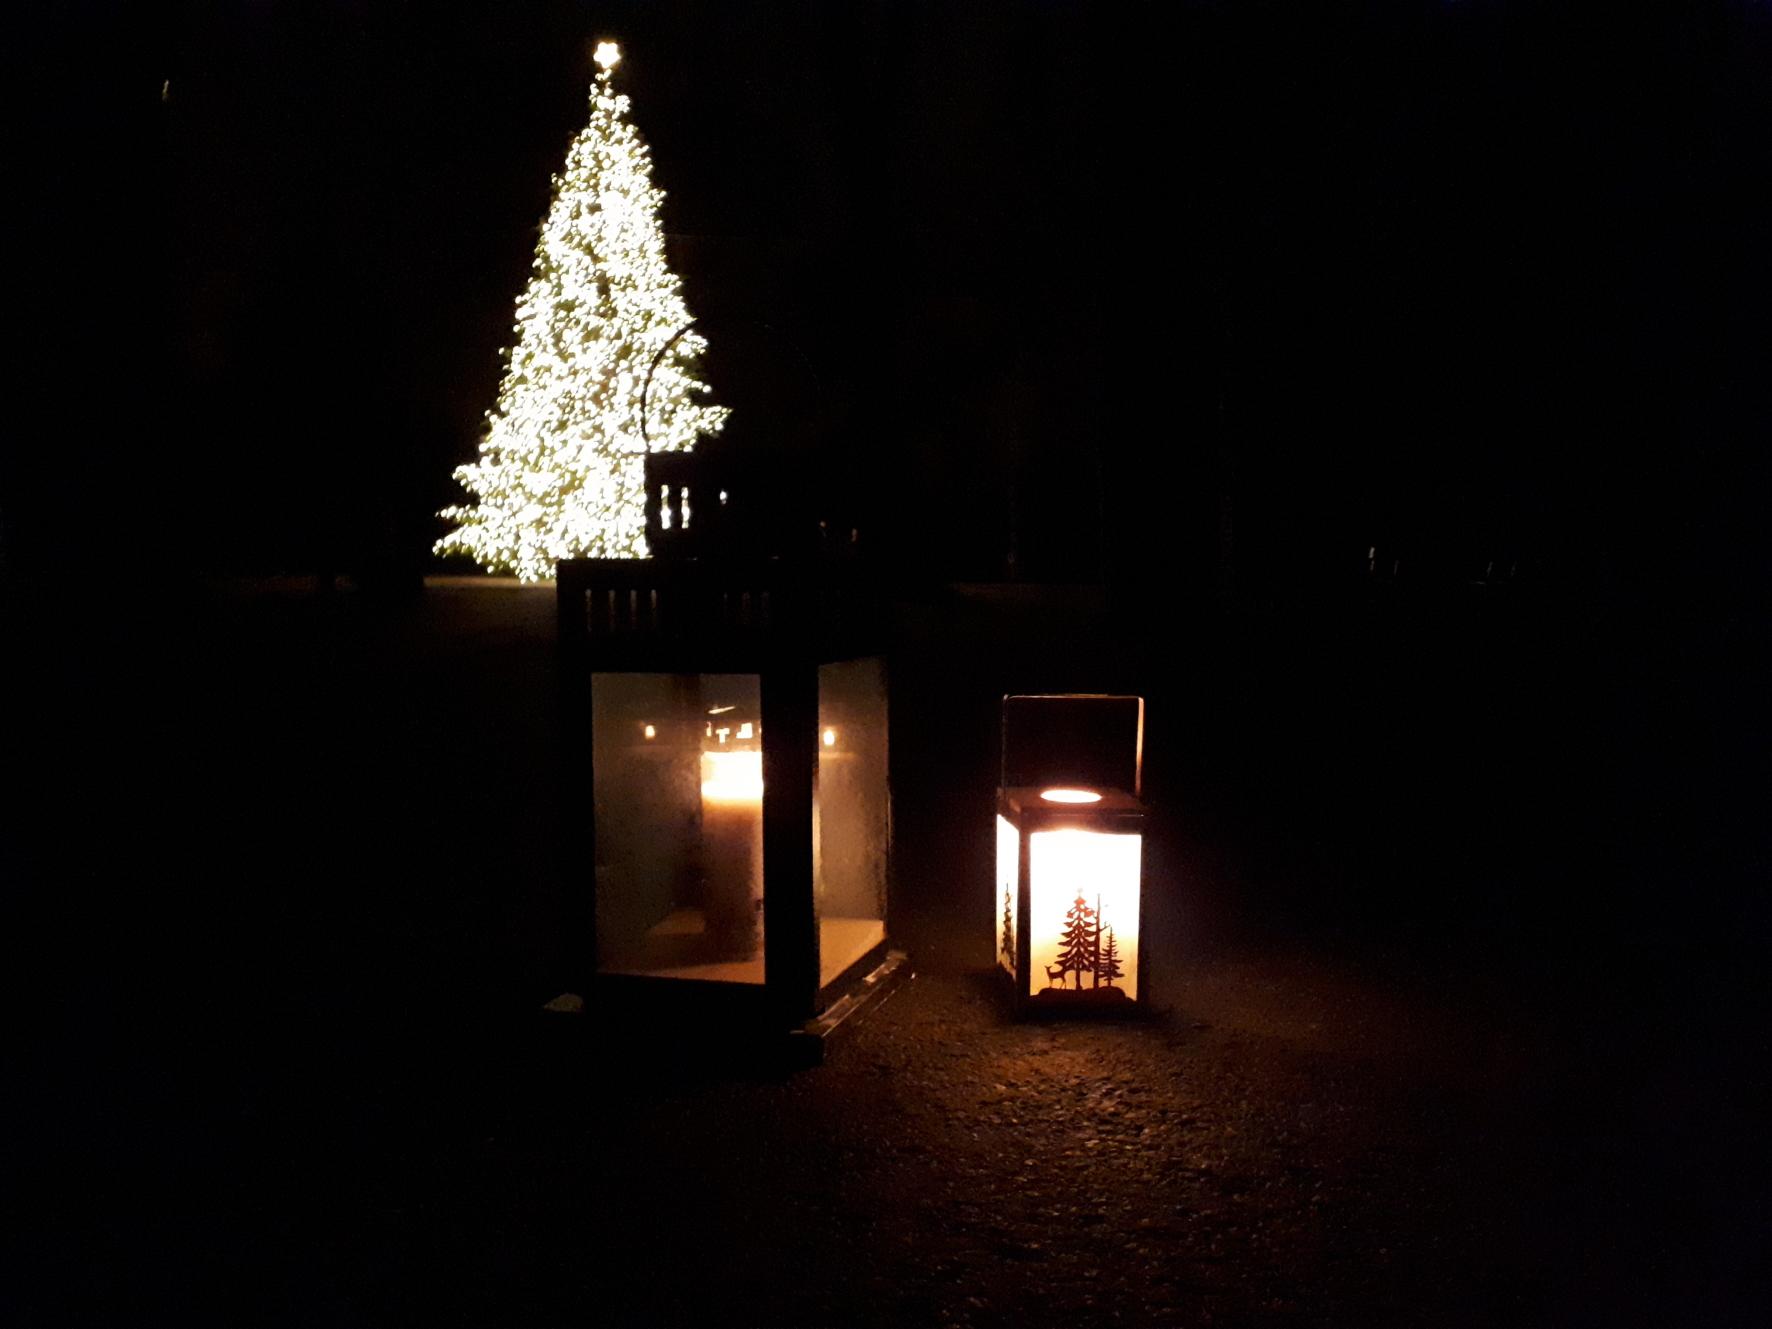 Friedenslicht vor einem beleuchteten Weihnachtsbaum